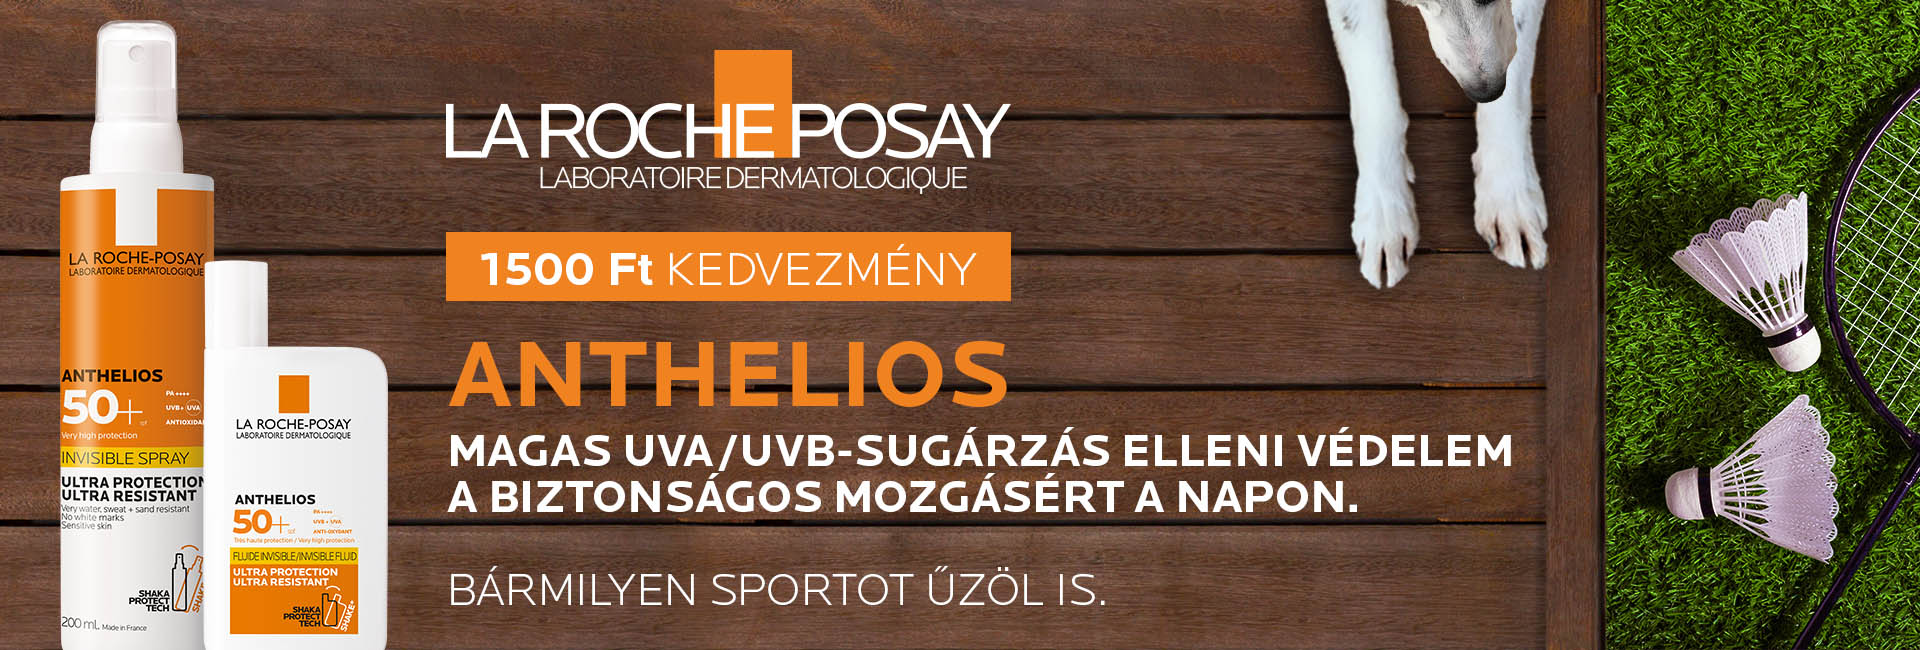 1500 Ft kedvezményt adunk minden La Rocvhe-Posay Anthelios napozóra és Posthelios napoás utáni termékre!